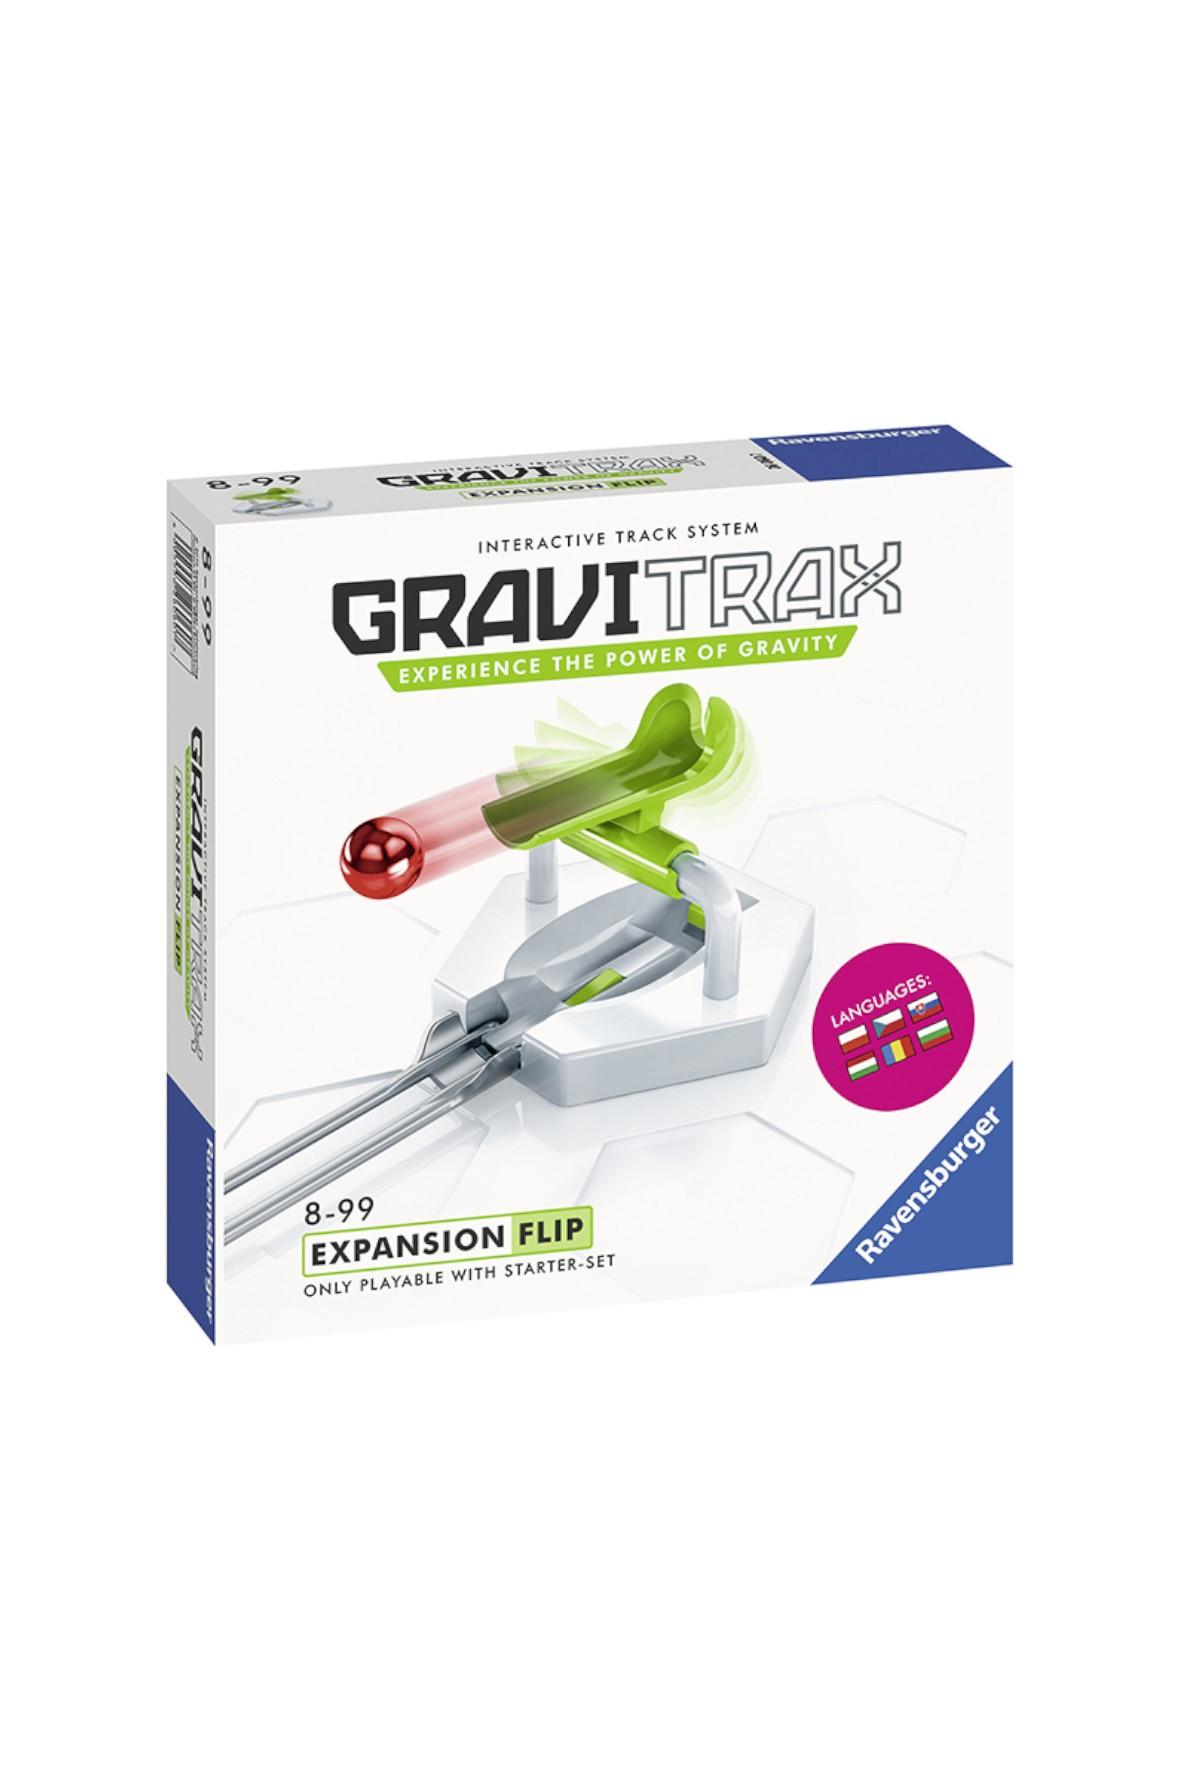 Gravitrax -  zestaw uzupełniający Flip wiek 8+